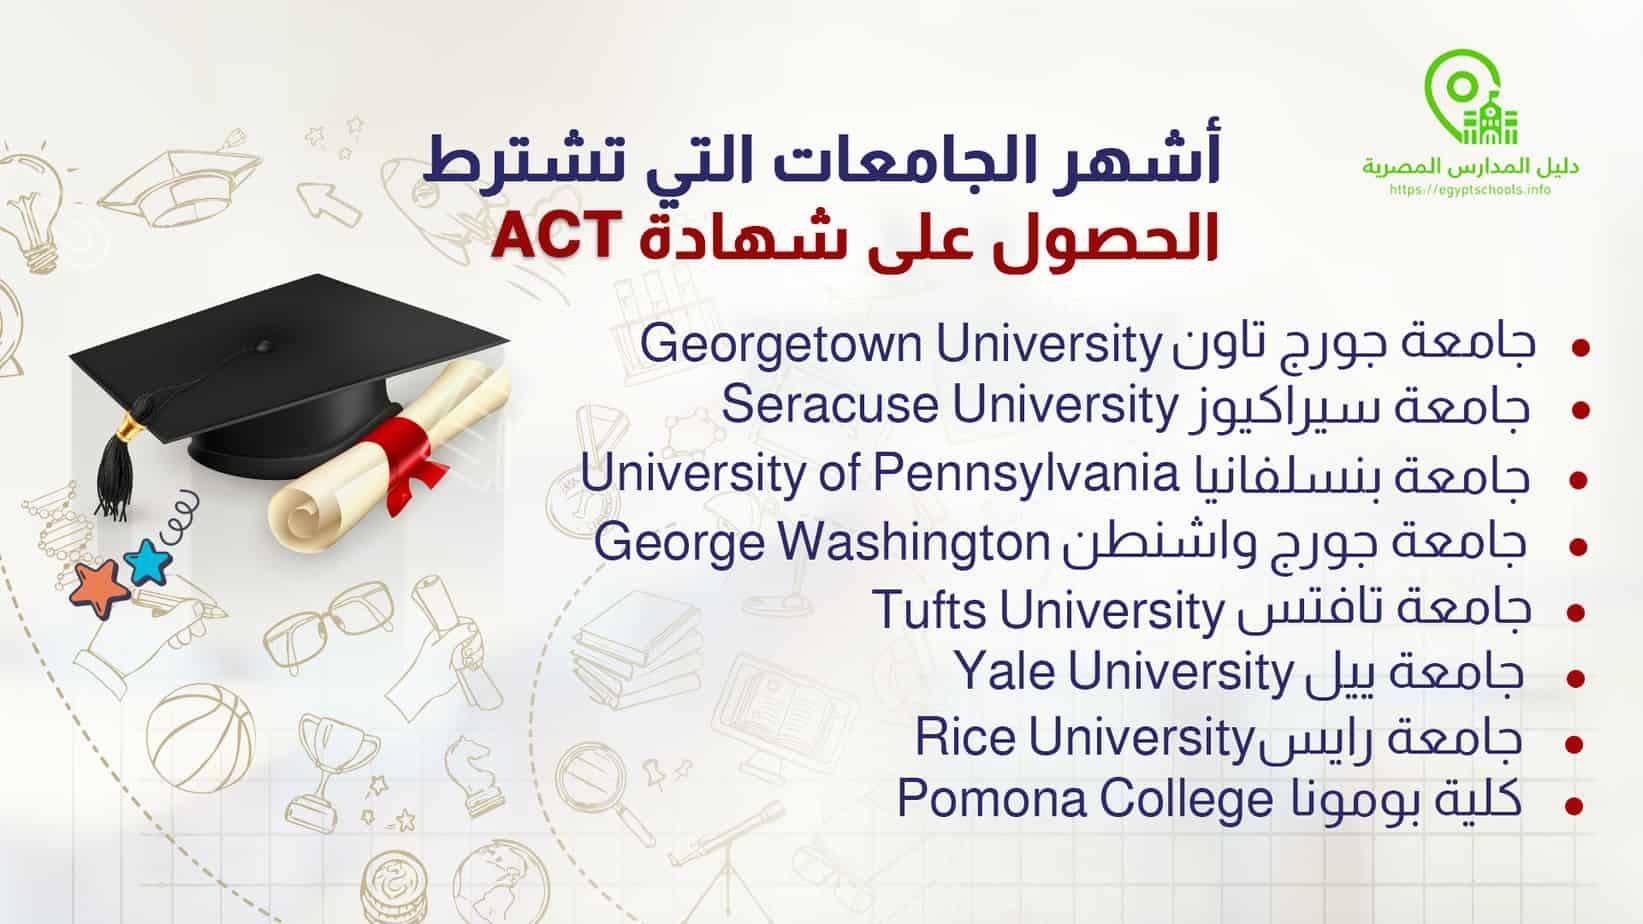 الجامعات التي تشترط اجتياز امتحان ACT